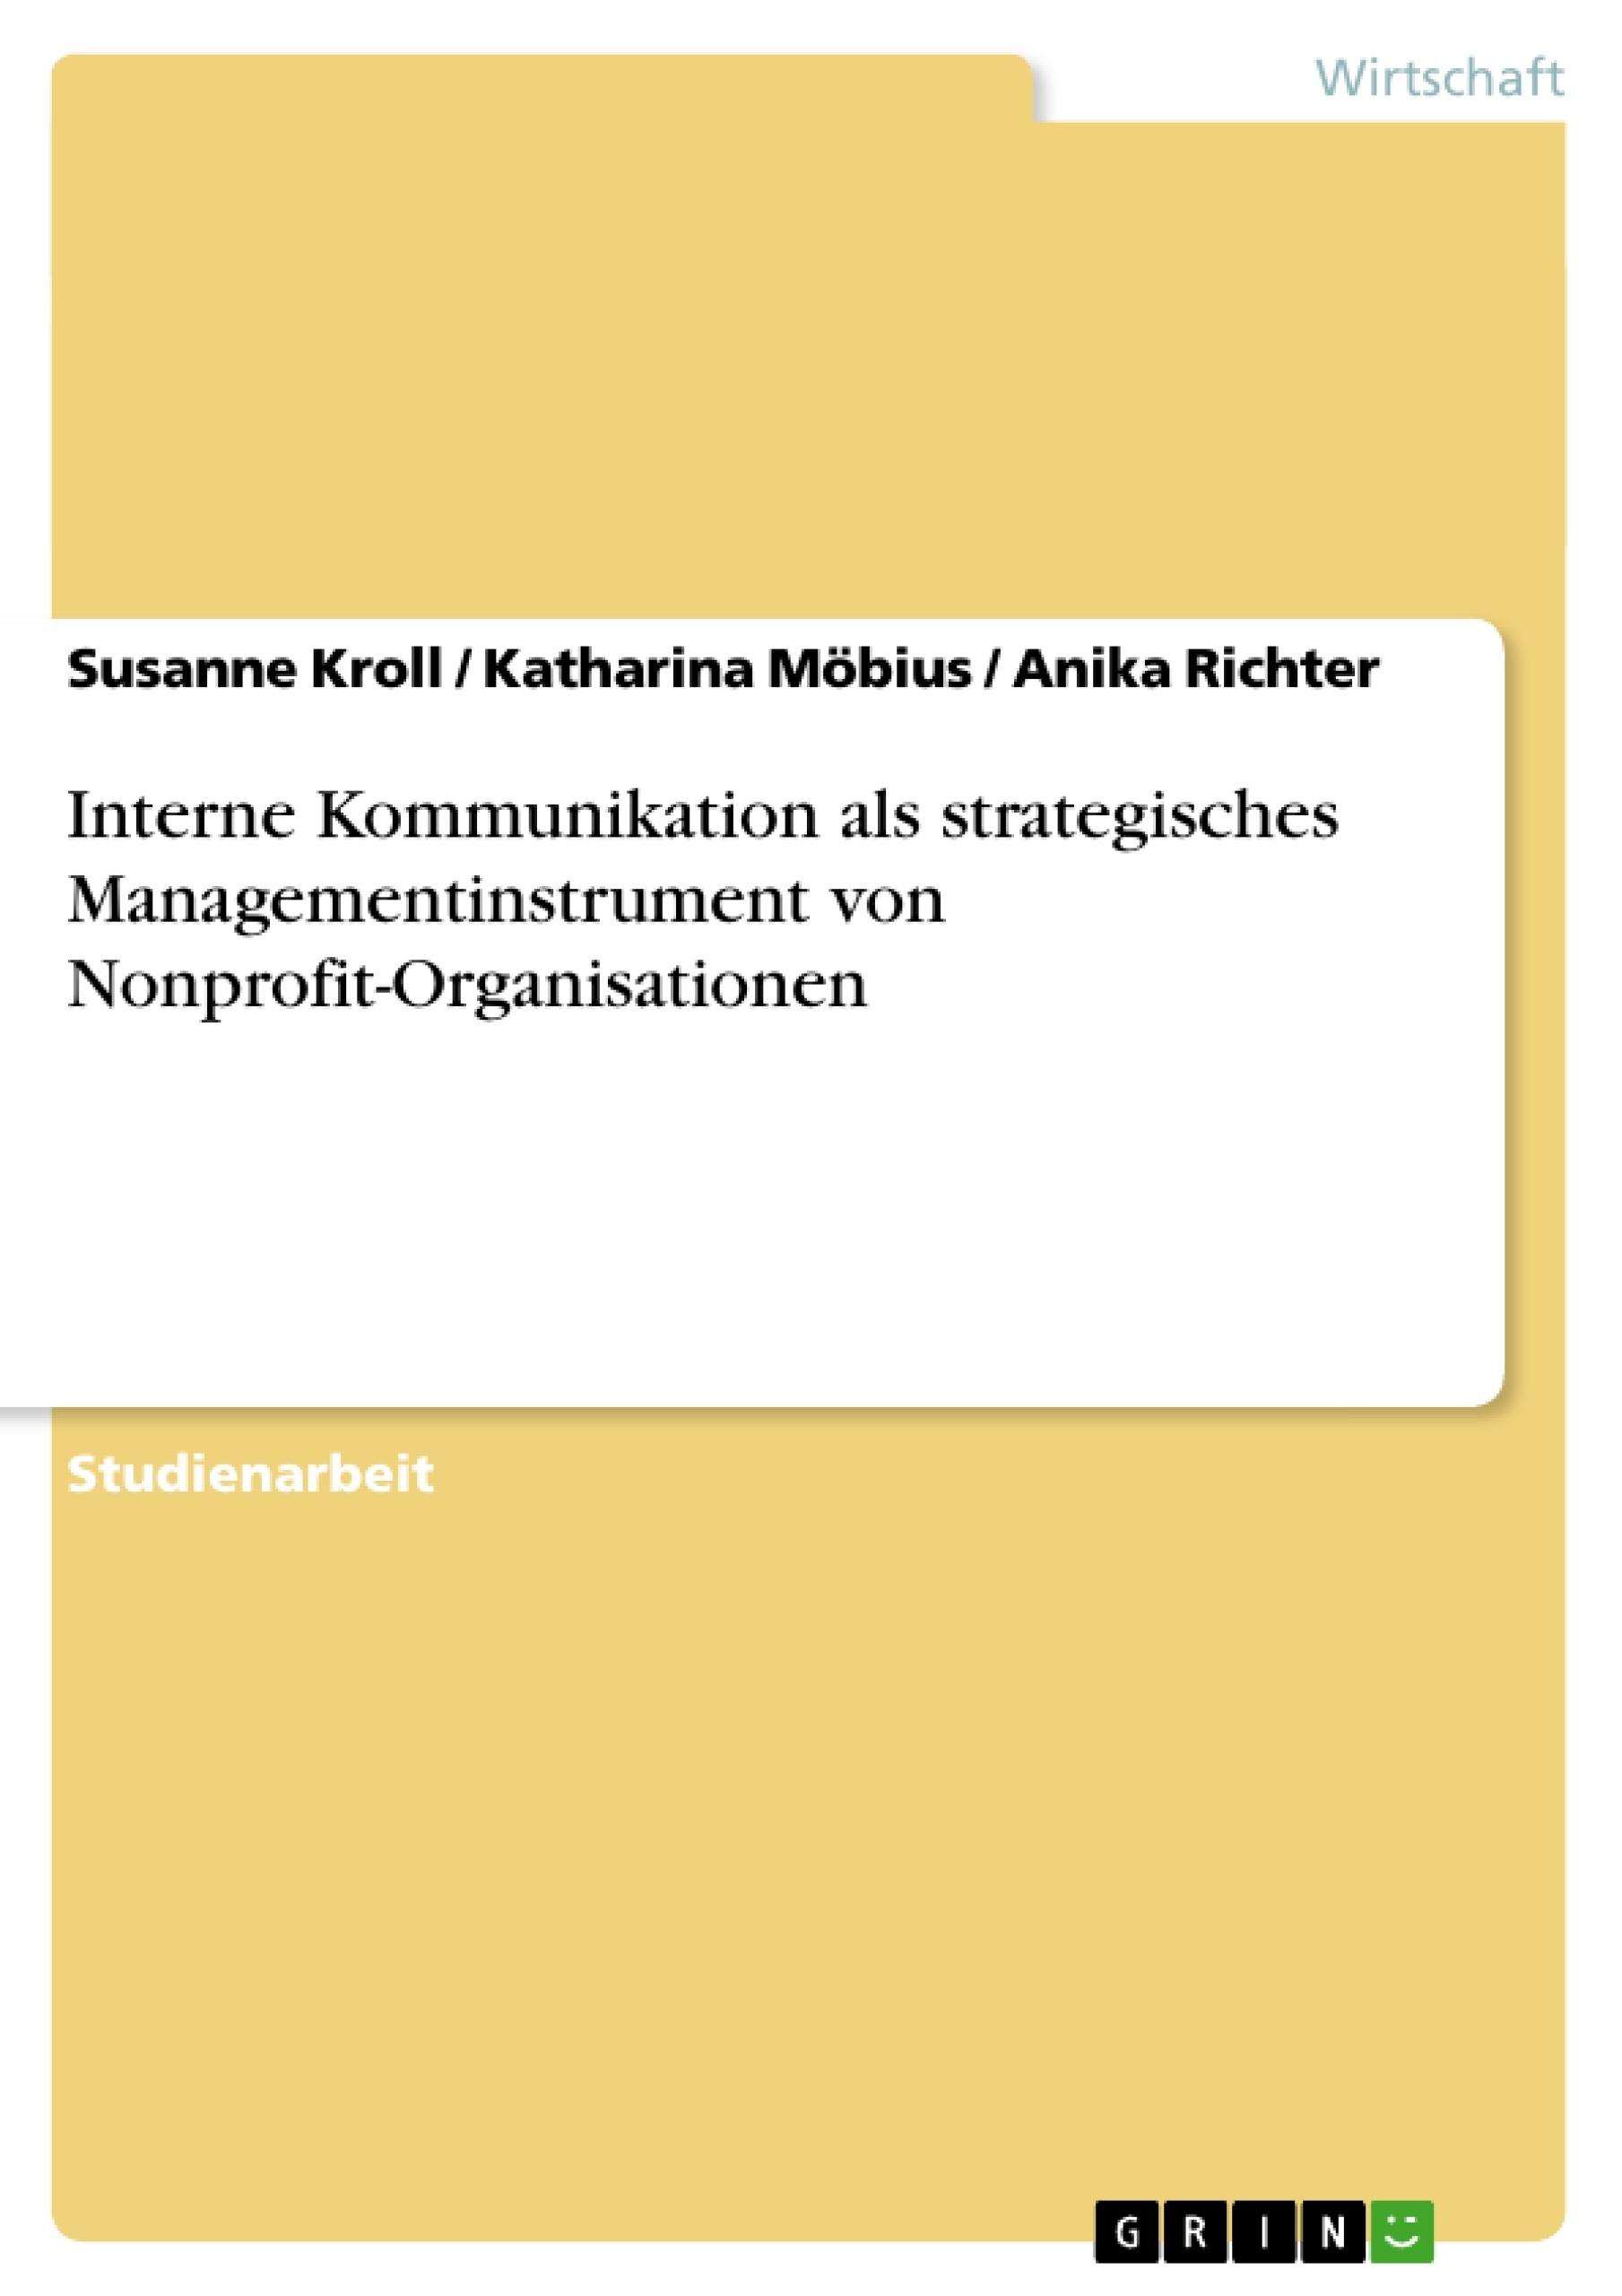 Titel: Interne Kommunikation als strategisches Managementinstrument von Nonprofit-Organisationen